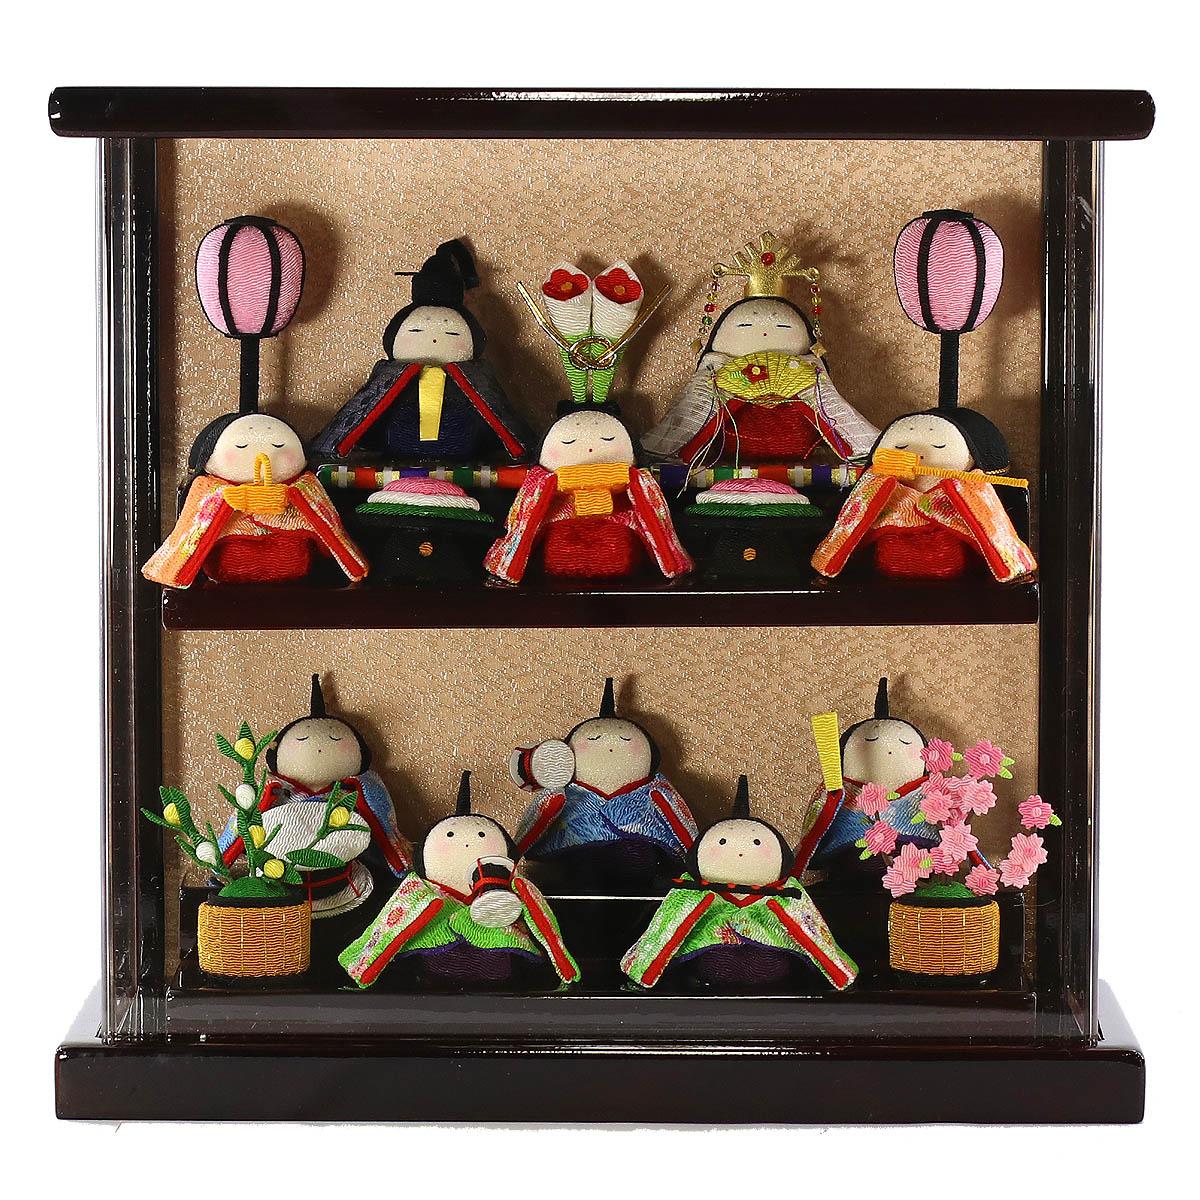 雛人形 リュウコドウ コンパクト ちりめん雛 わらべ雛 10人揃い 溜塗りアクリルケース飾り 雛人形 HNRK-303-10 (1-344)ひな人形 かわいい おしゃれ インテリア 雛 ひな人形 小さい ミニ